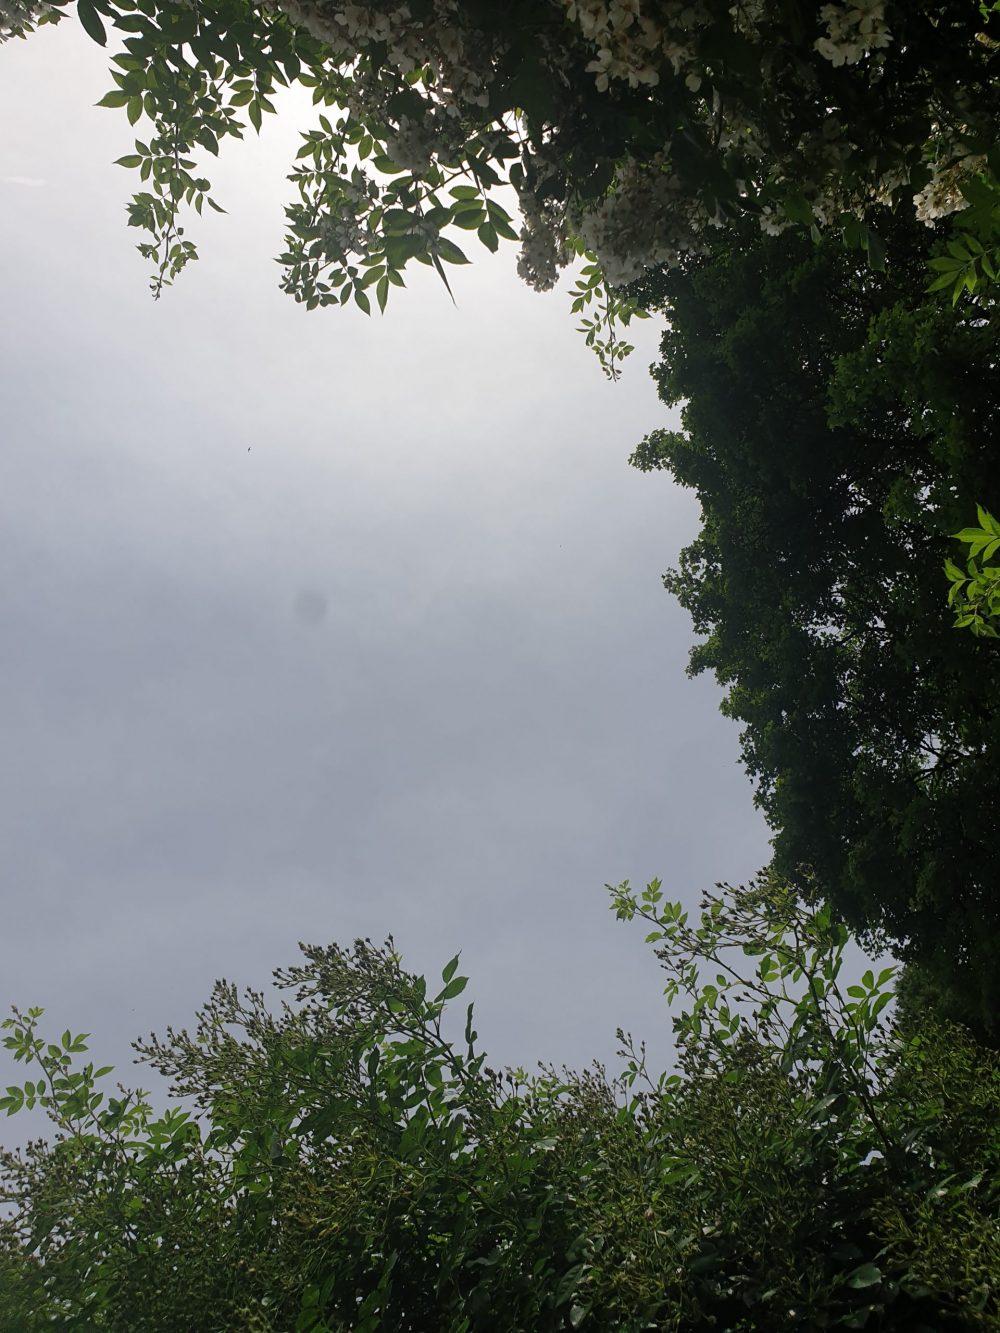 Blick in den Himmel - von Bäumen umgeben